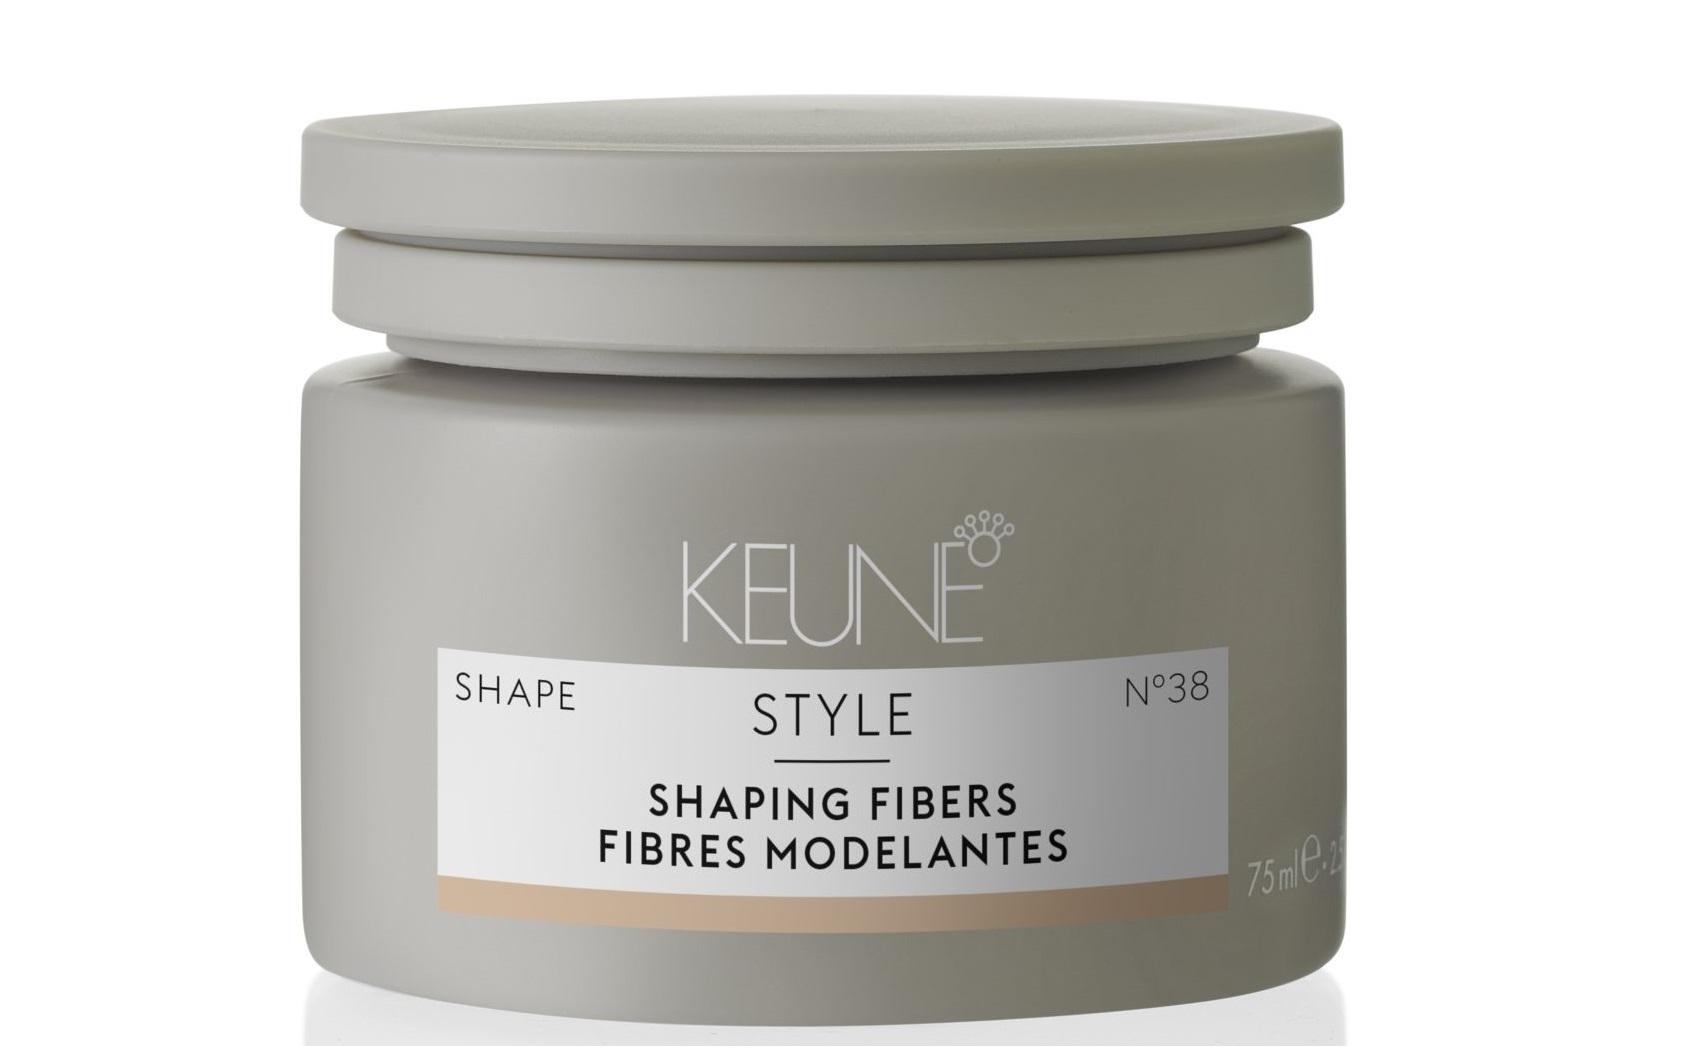 Купить KEUNE Воск фруктовый для укладки волос / STYLE SHAPING FIBERS 75 мл